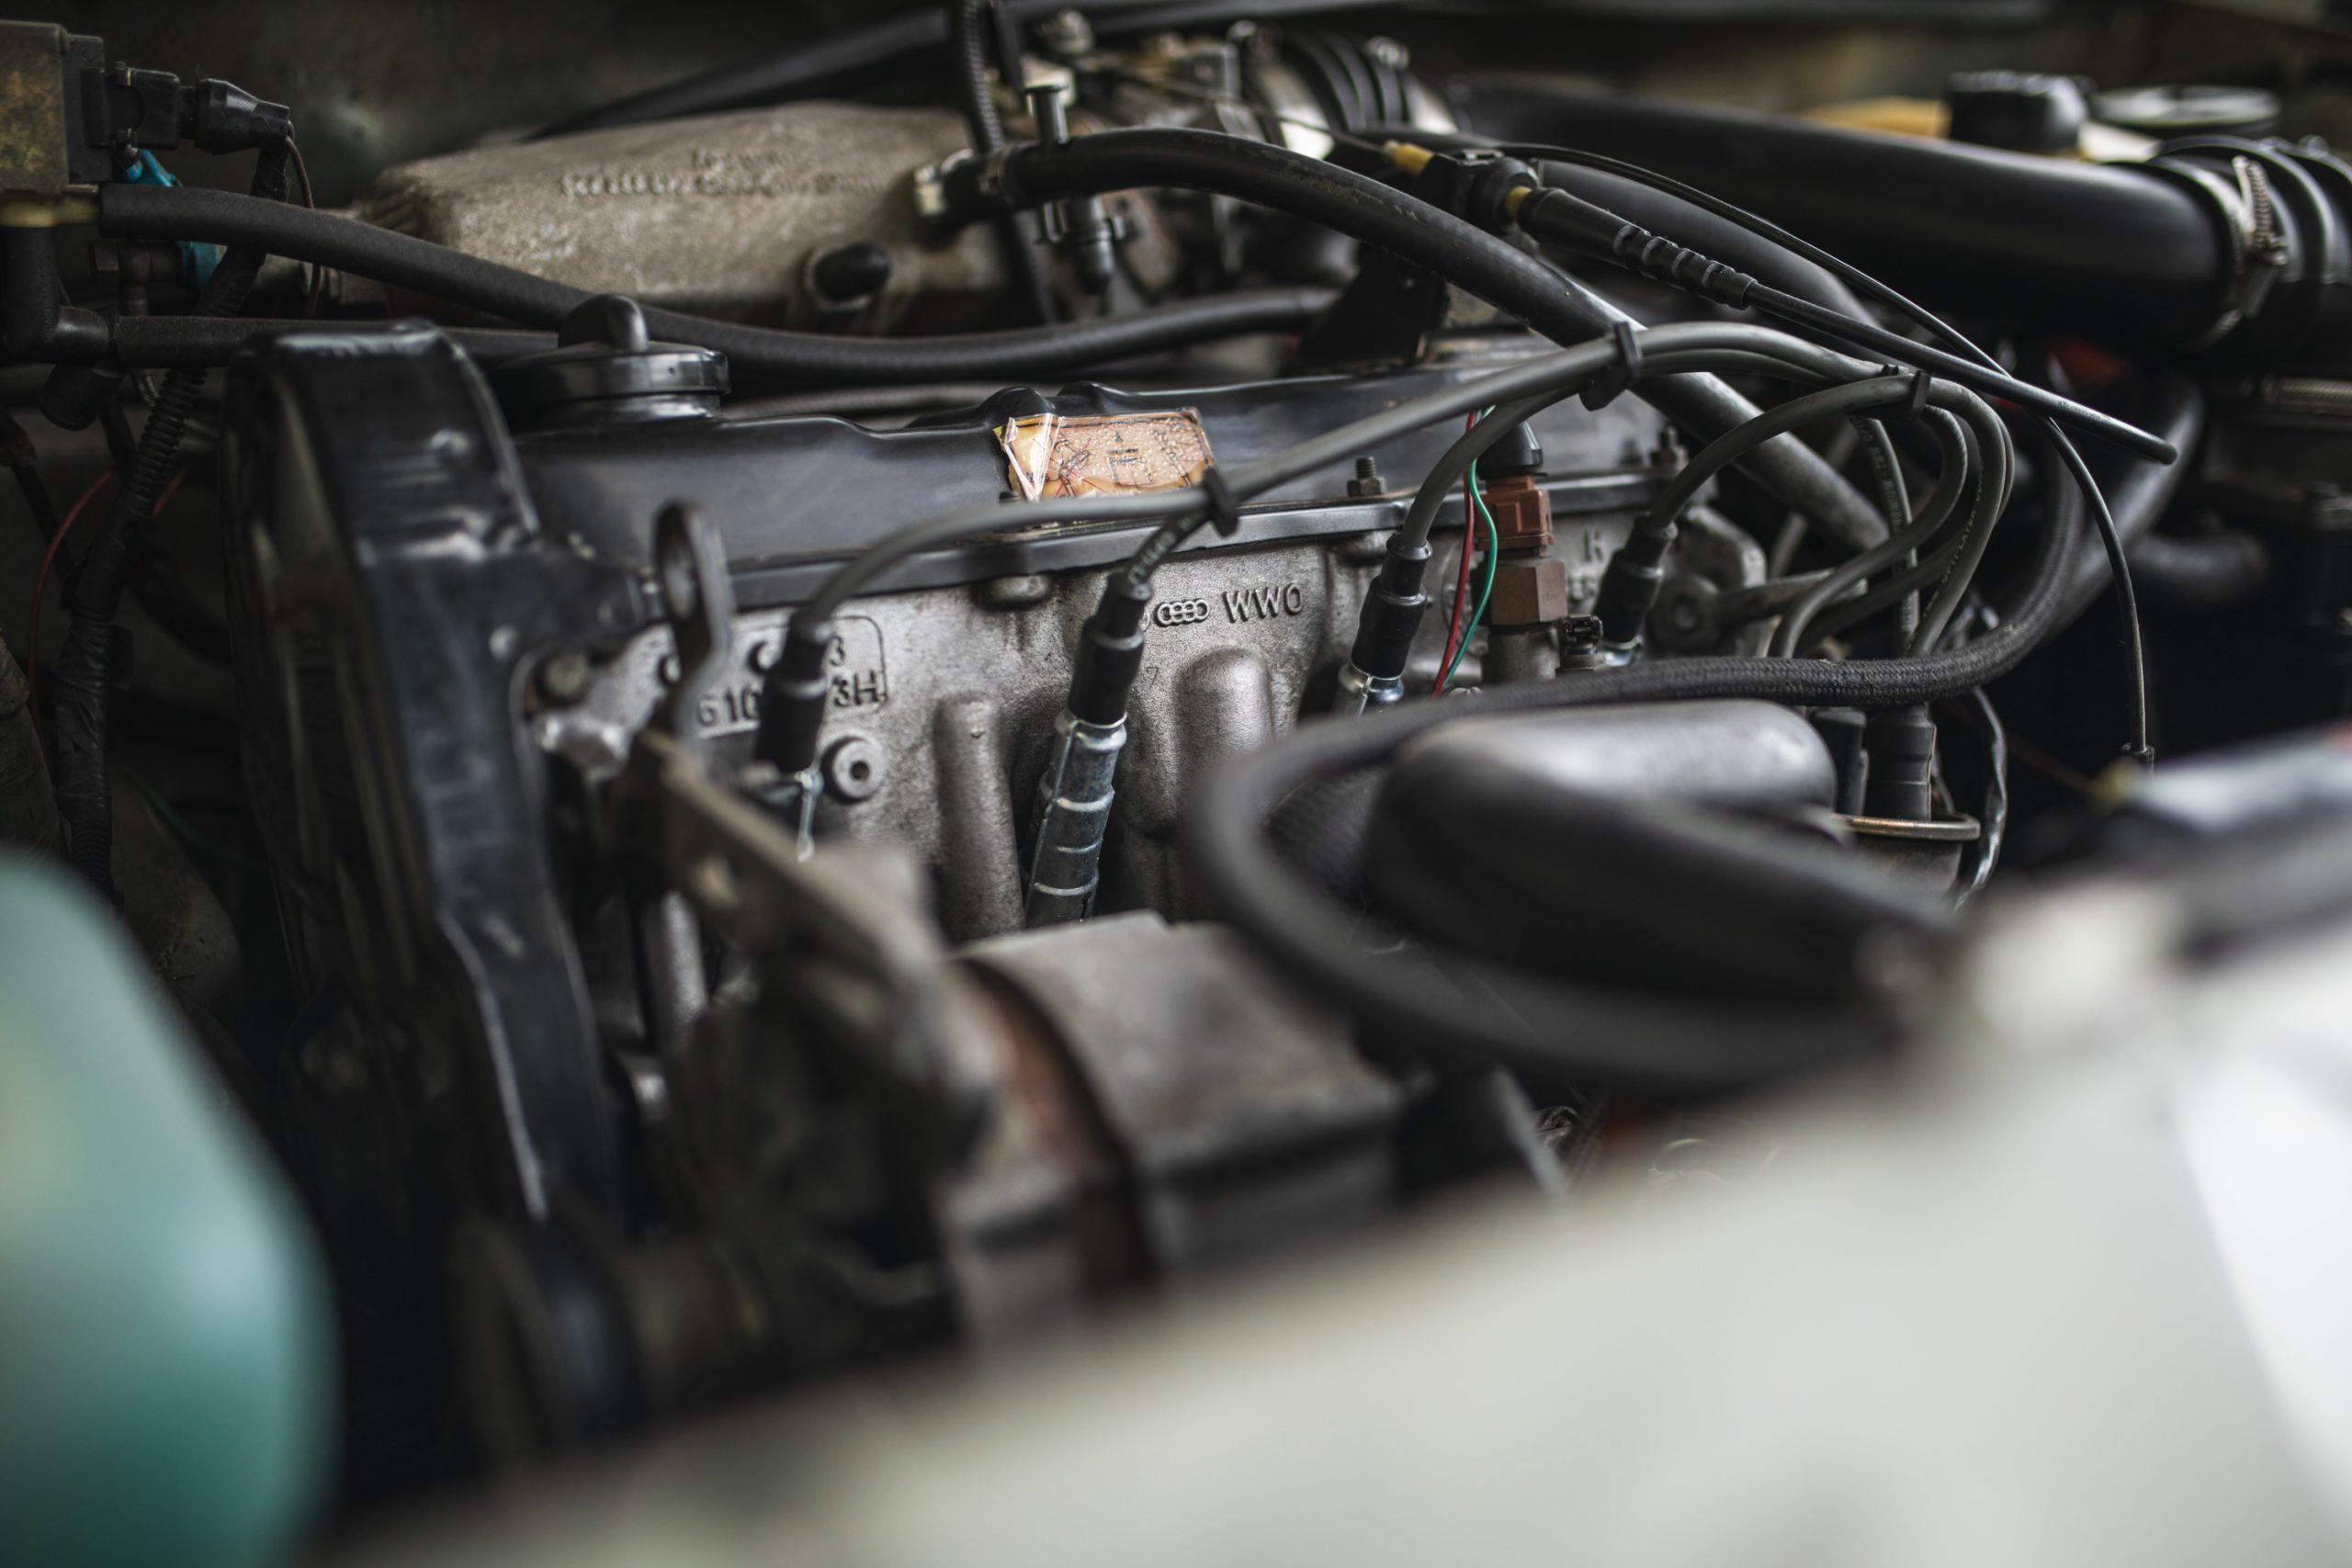 retro volkswagen rabbit gti hatchback engine close up